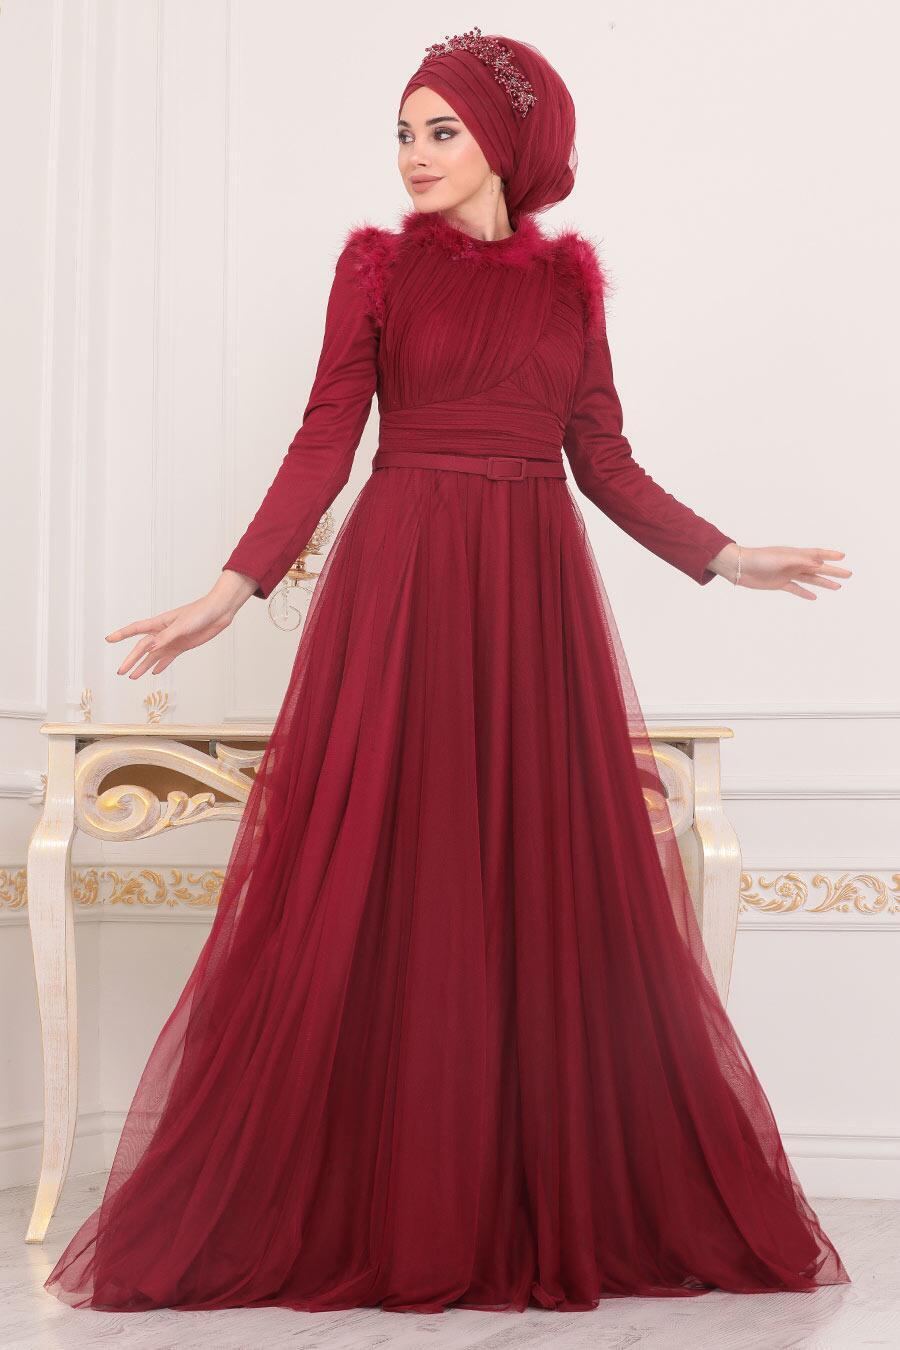 Tesettürlü Abiye Elbise - Püskül Detaylı Bordo Tesettür Abiye Elbise 39890BR